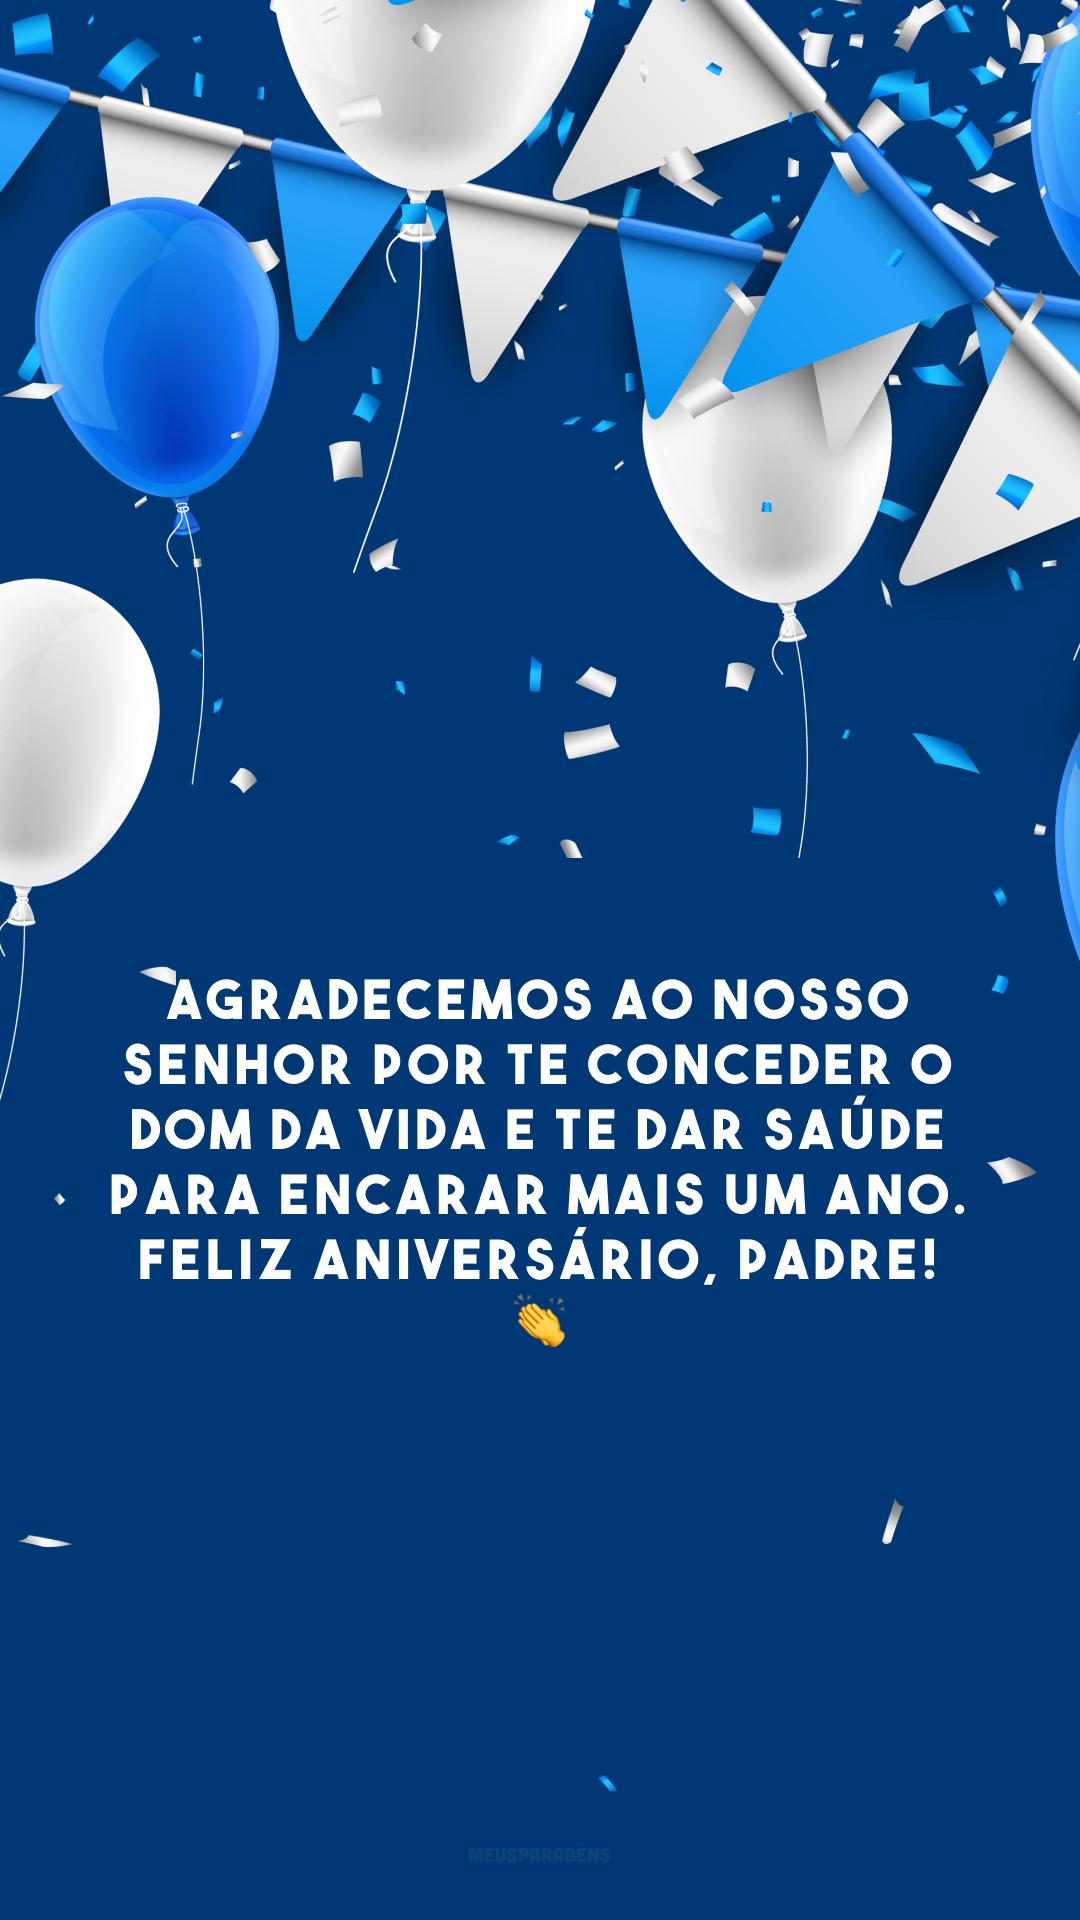 Agradecemos ao nosso Senhor por te conceder o dom da vida e te dar saúde para encarar mais um ano. Feliz aniversário, padre! 👏